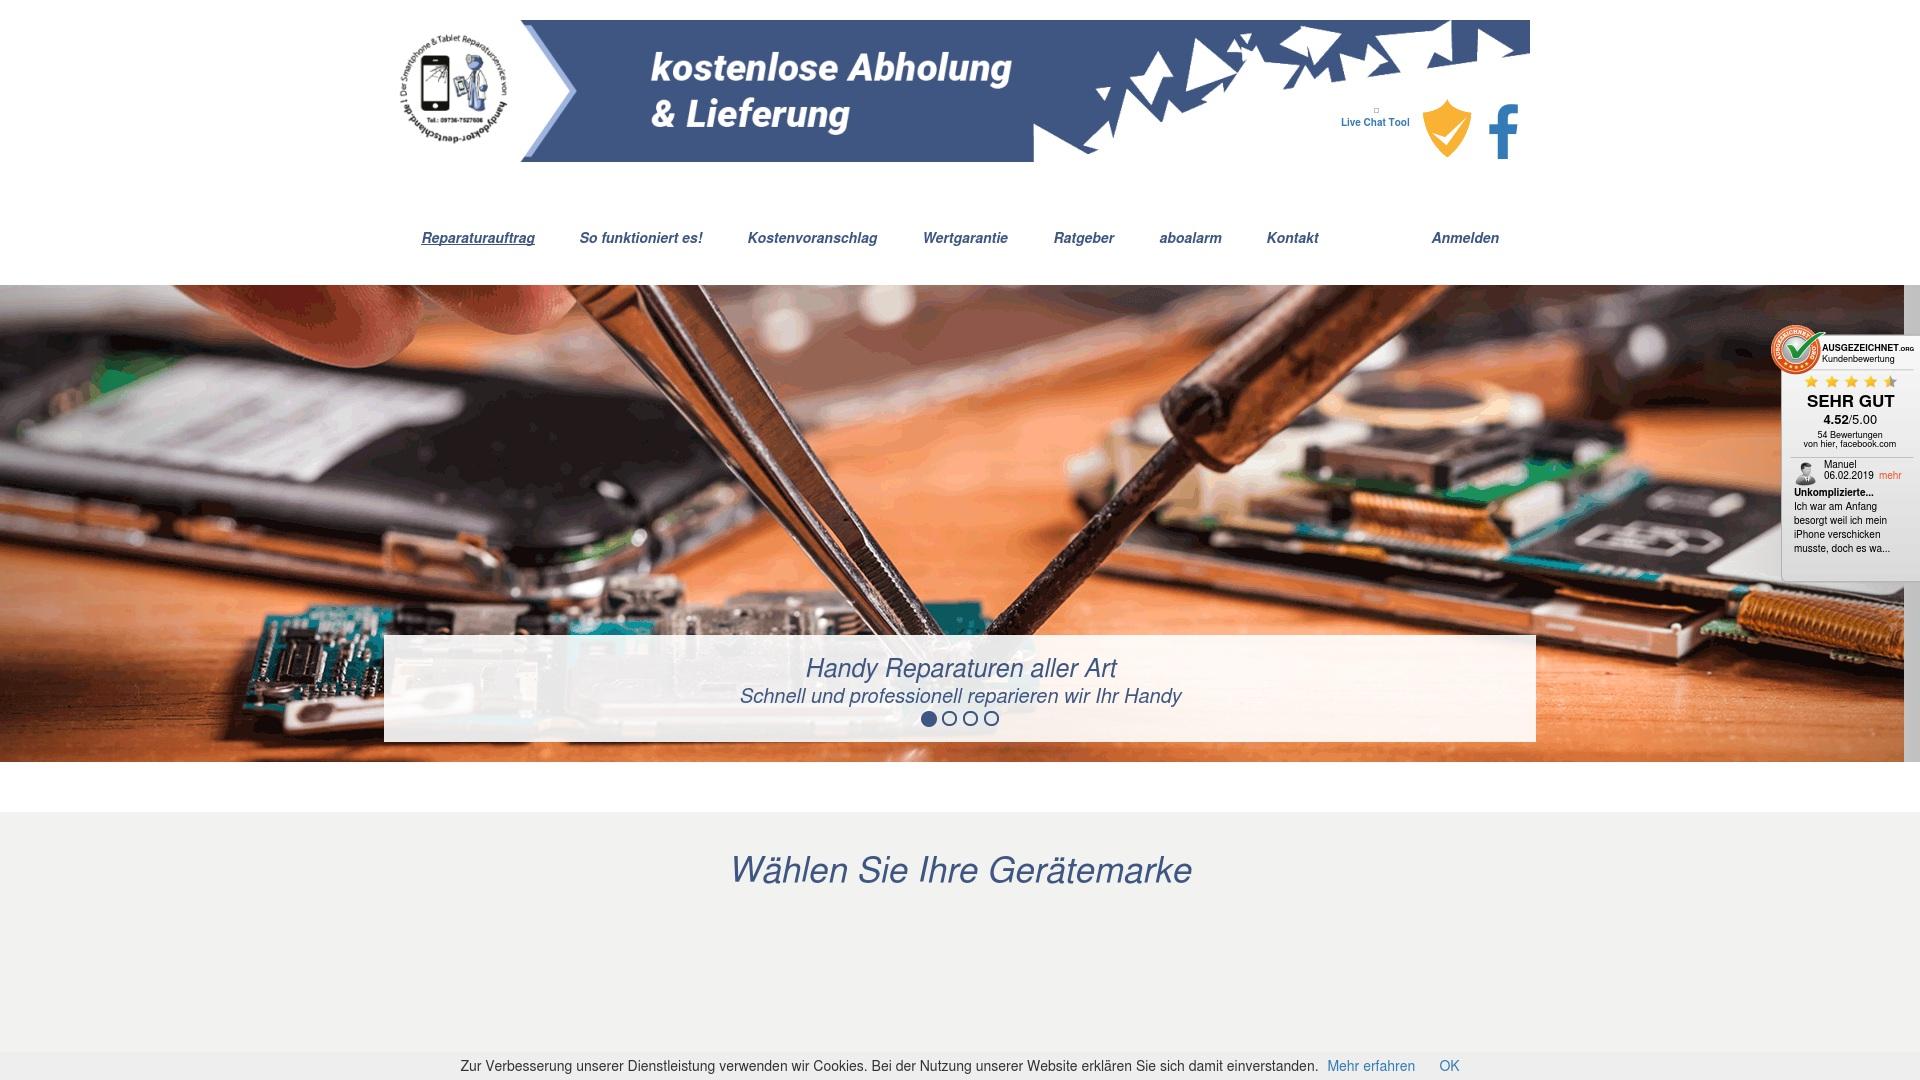 Gutschein für Handydoktor-deutschland: Rabatte für  Handydoktor-deutschland sichern